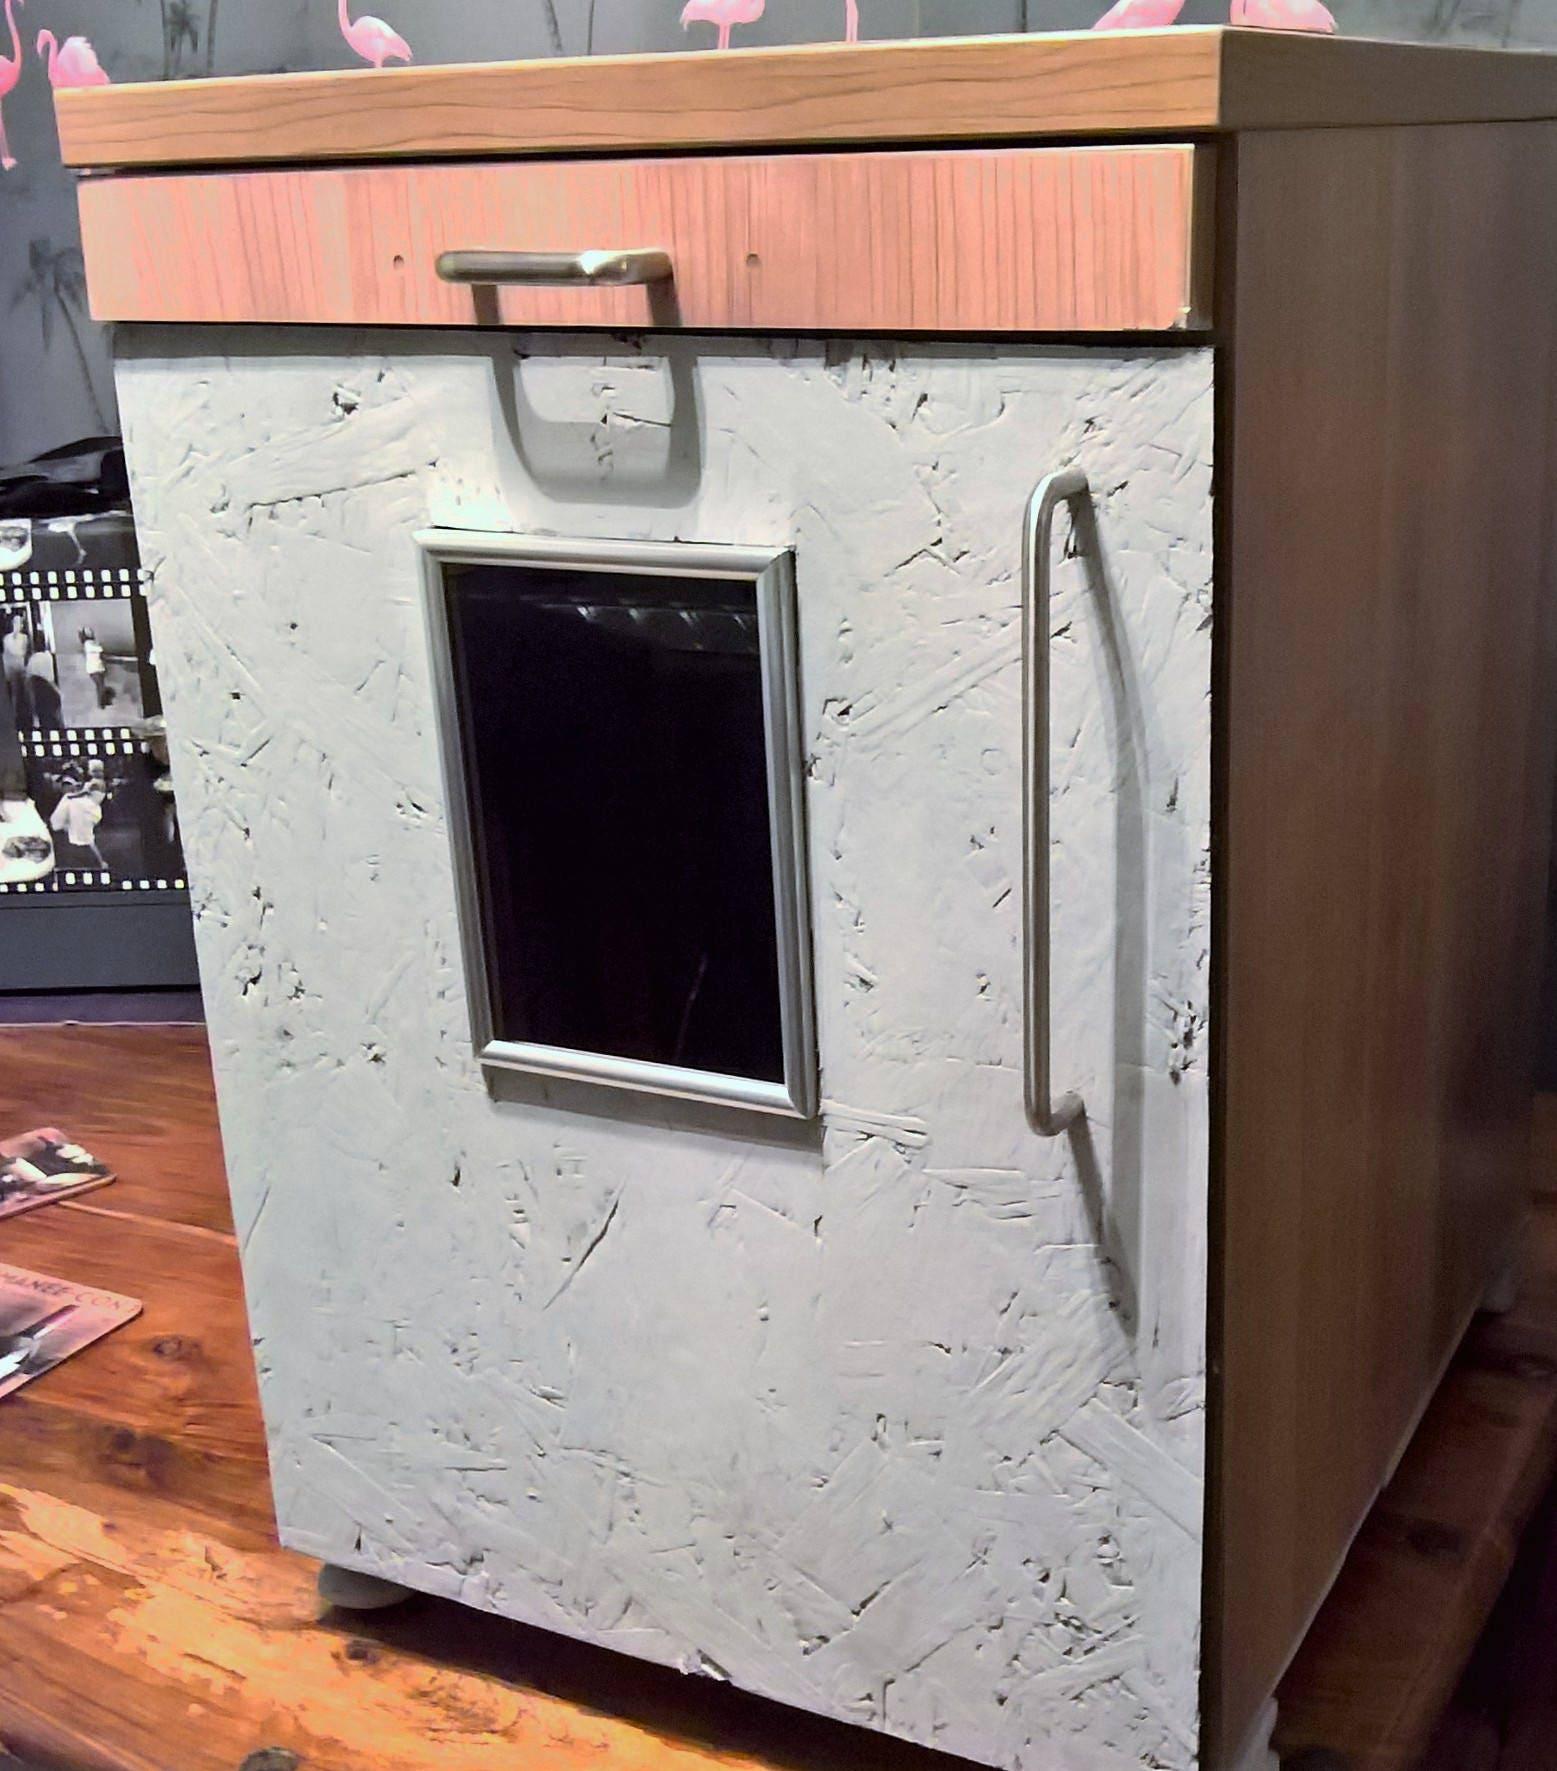 Handmade recycled storage unit cabinet wooden door glass viewing window metal handles